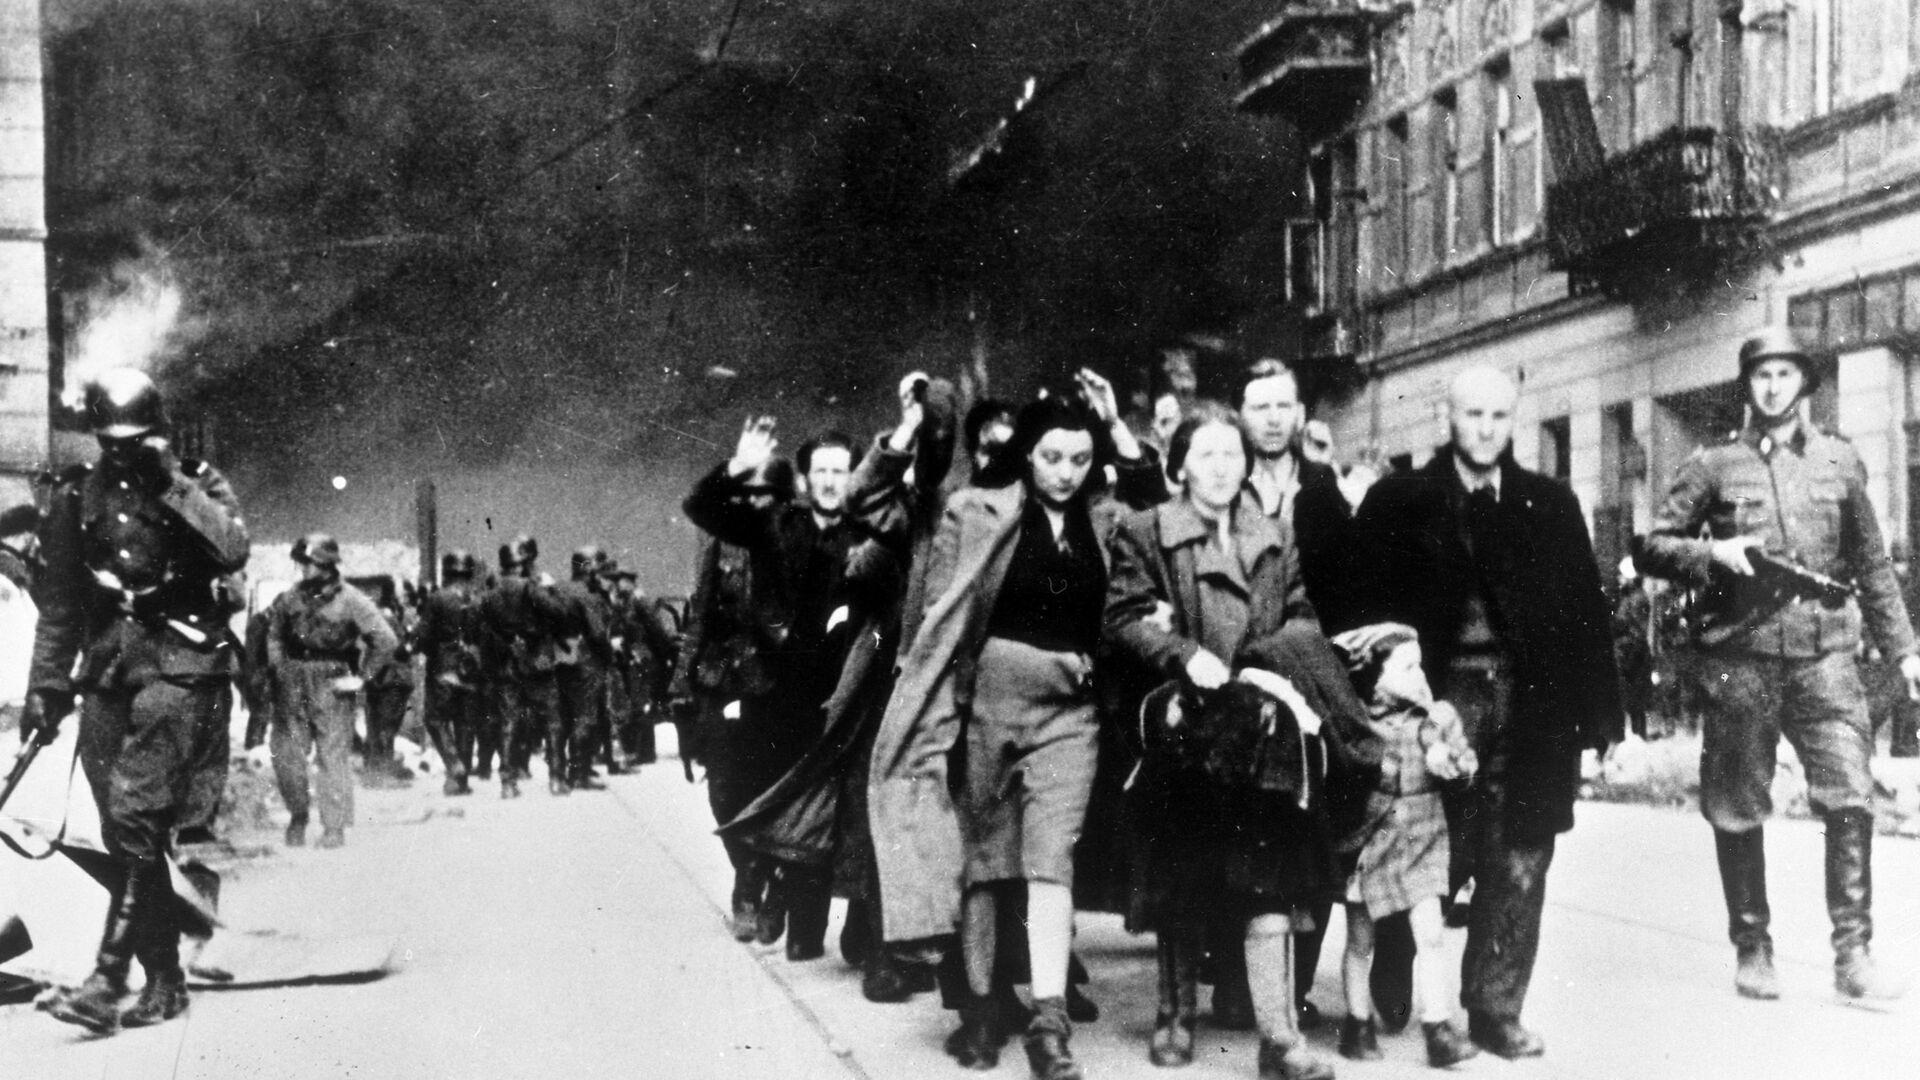 Los habitantes del gueto de Varsovia son enviados al campo de concentración de Treblinka, 1942 - Sputnik Mundo, 1920, 16.03.2021